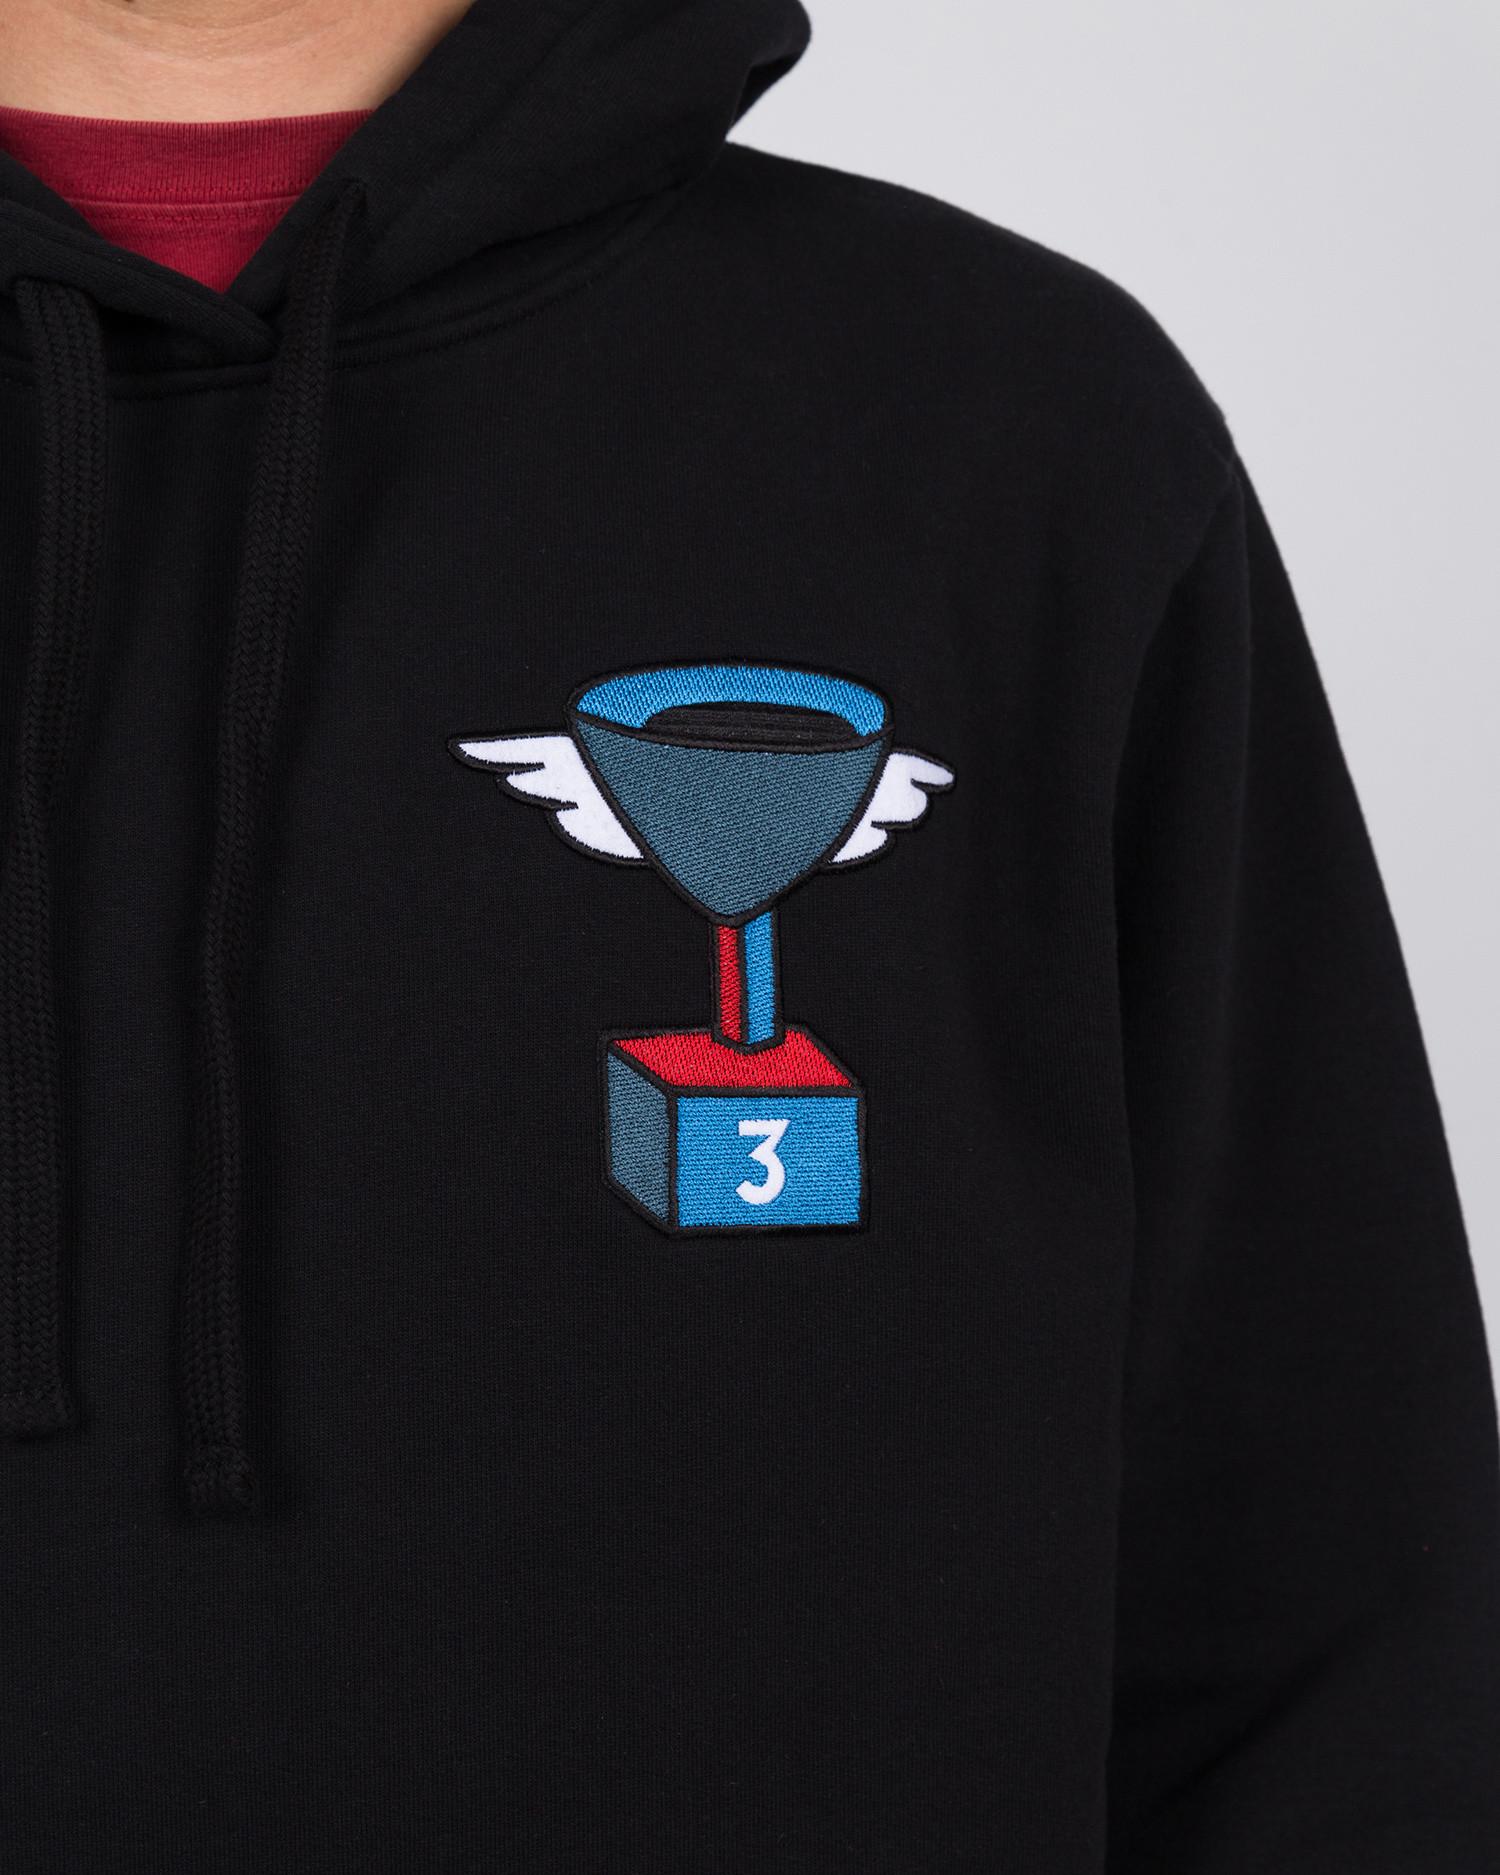 Parra 3rd prize cup winner hoodie black